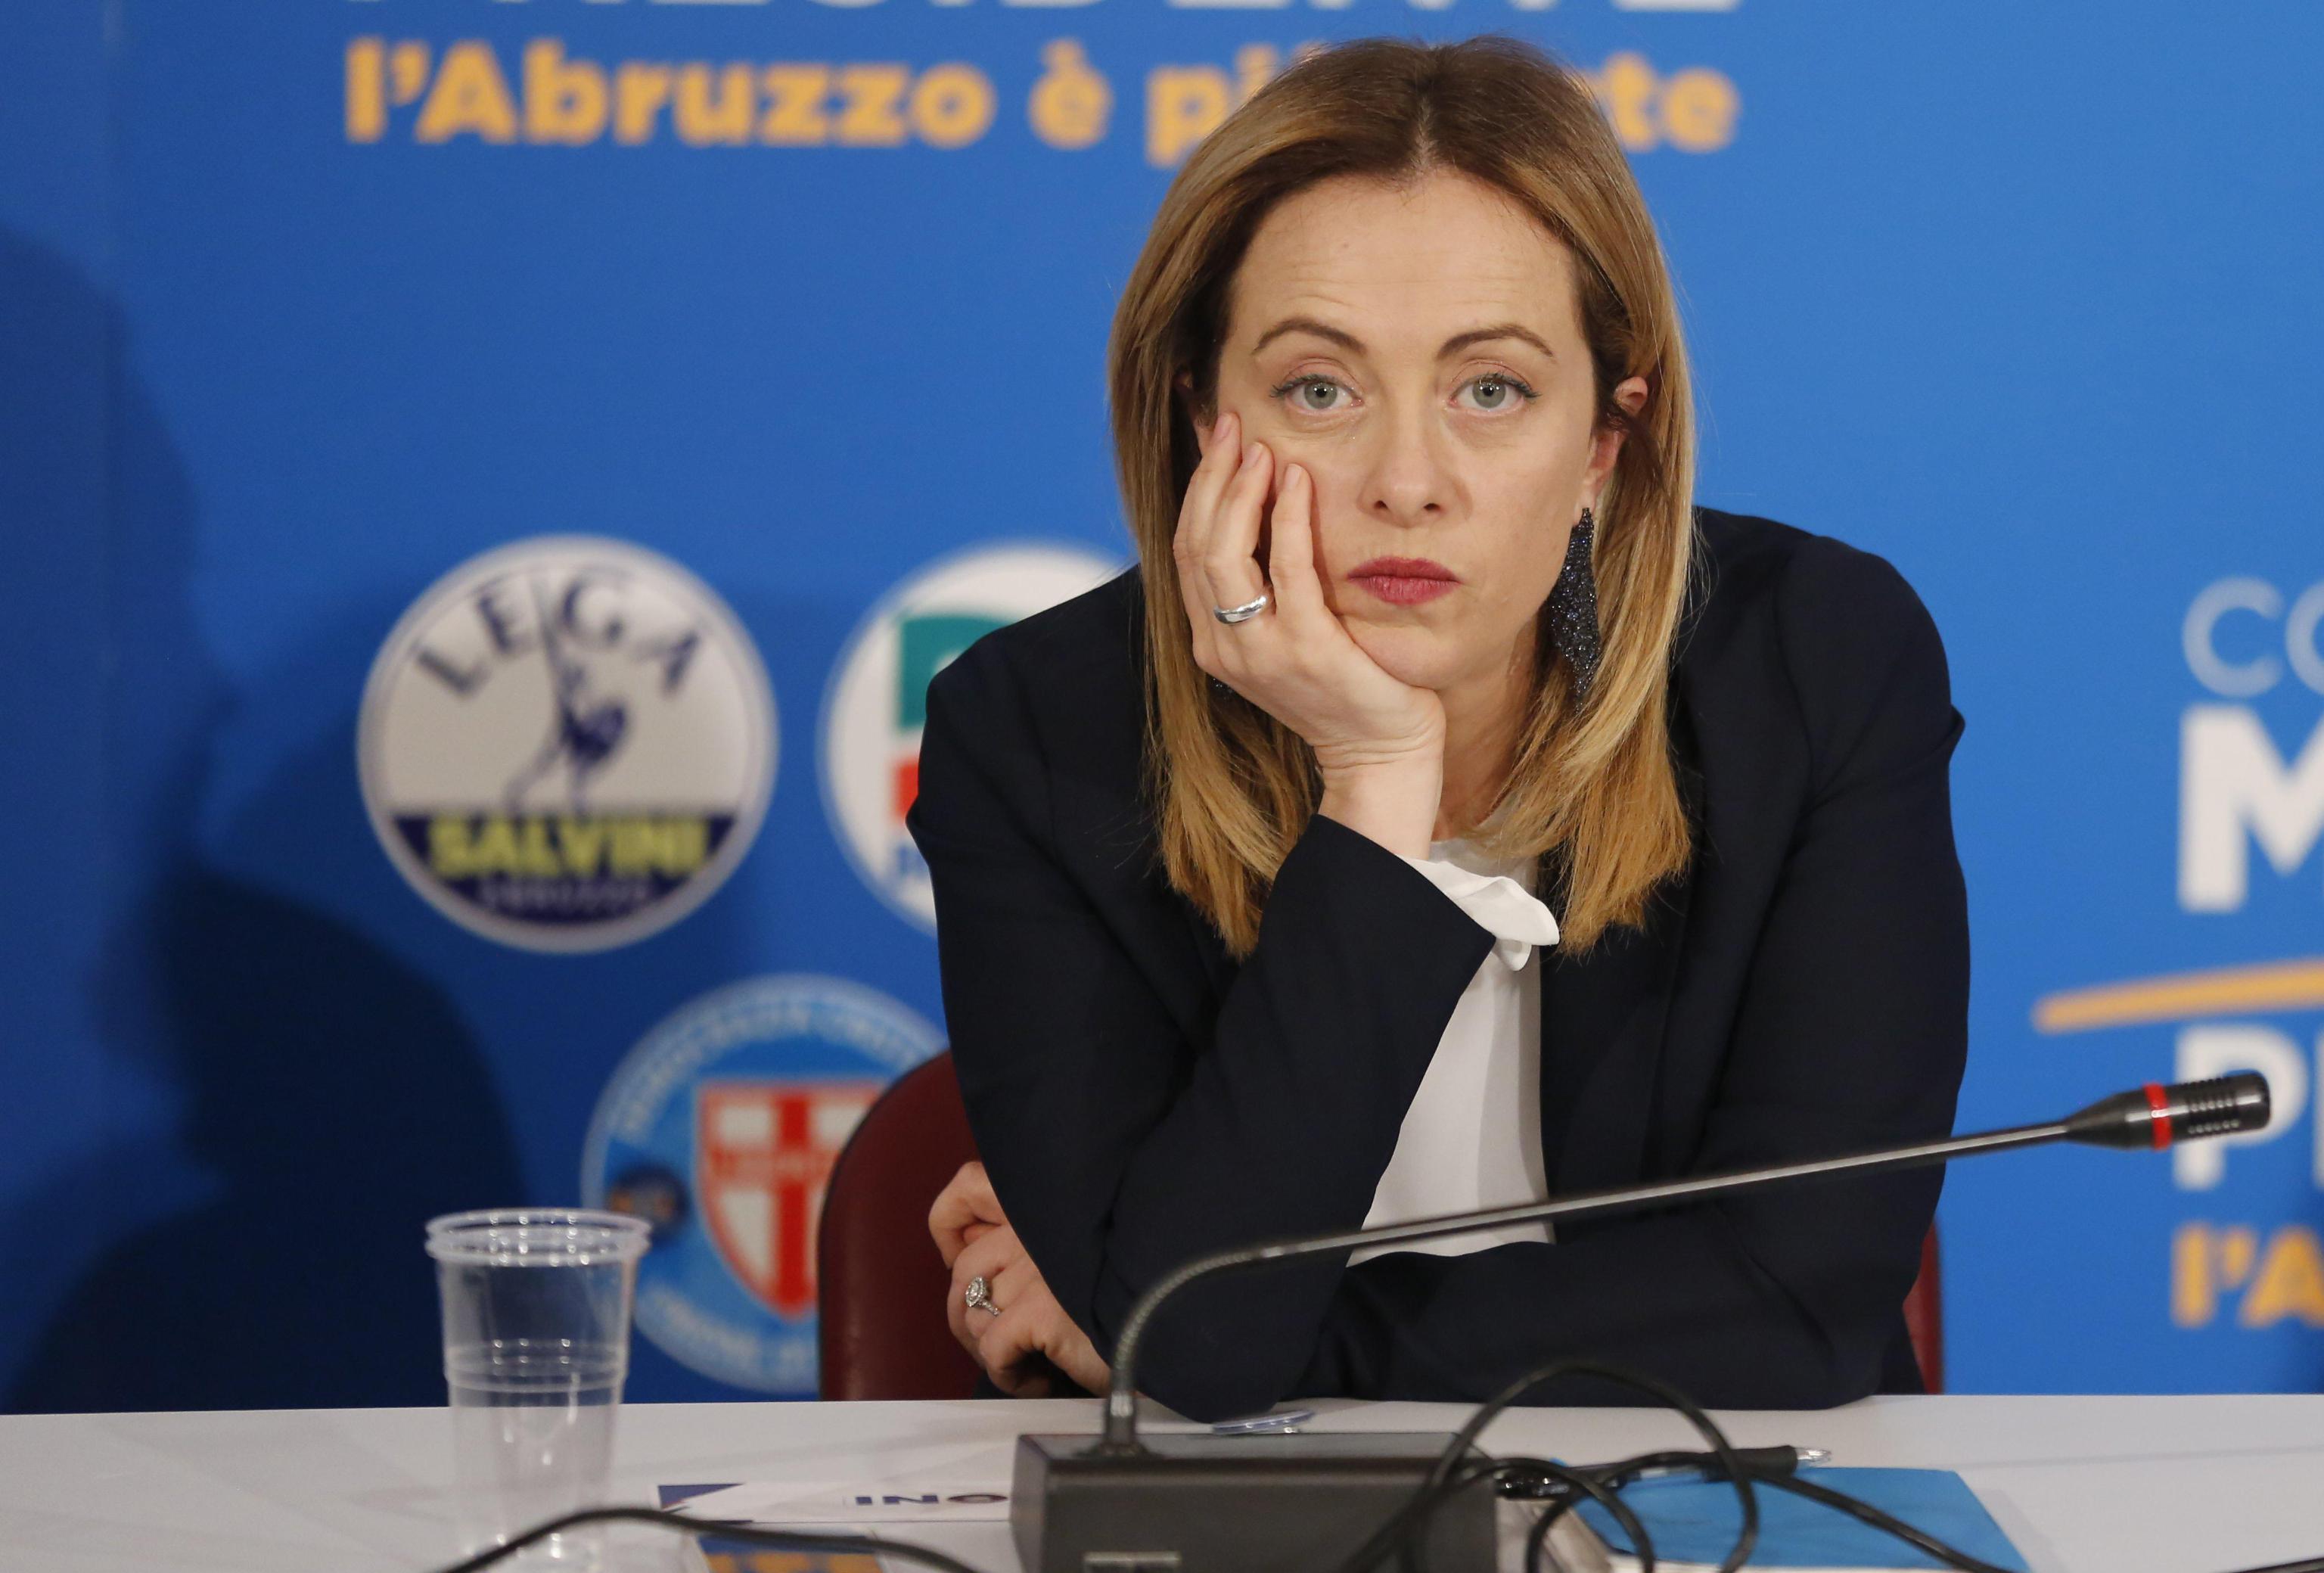 Giorgia Meloni bestemmia in diretta TV?